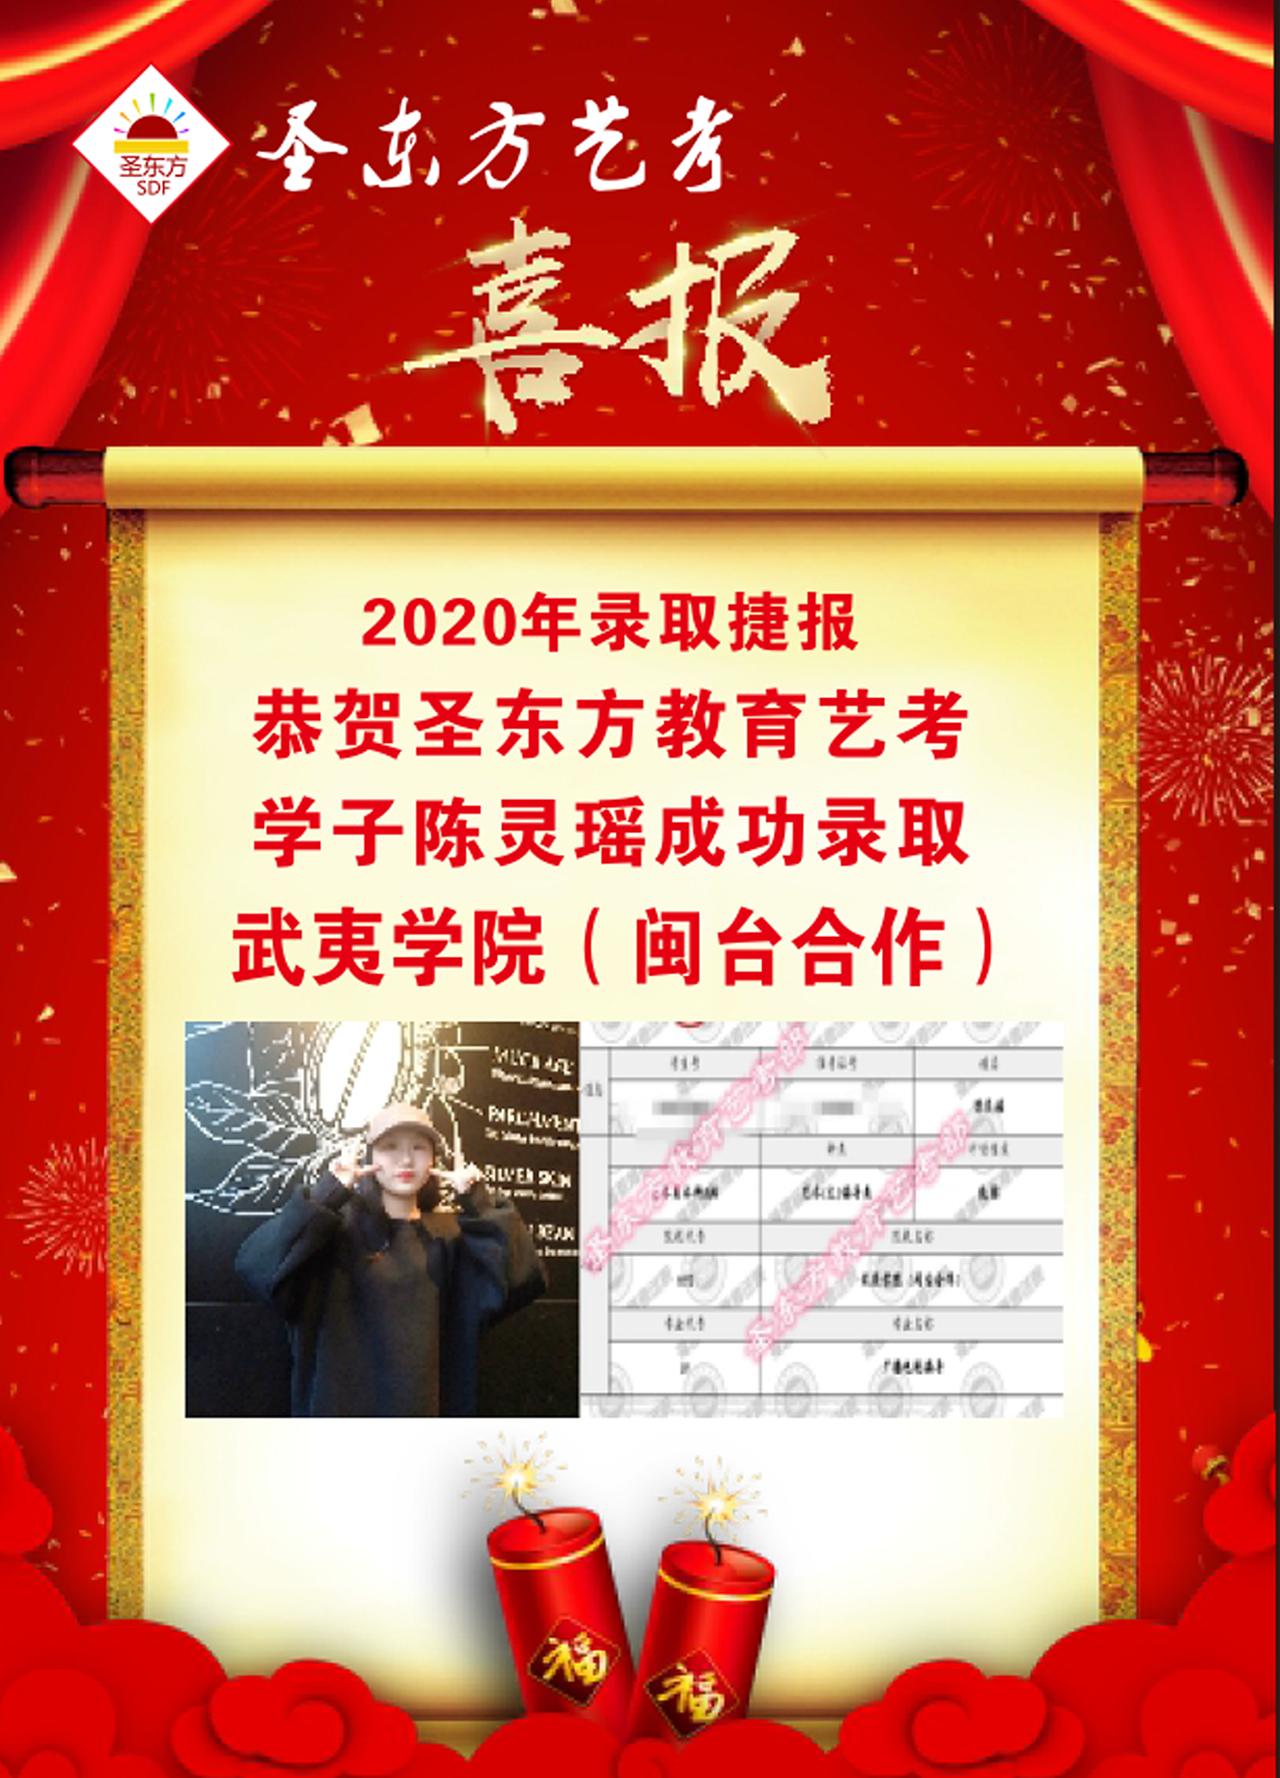 喜报!圣东方艺考2020年大学本科录取捷报频传!